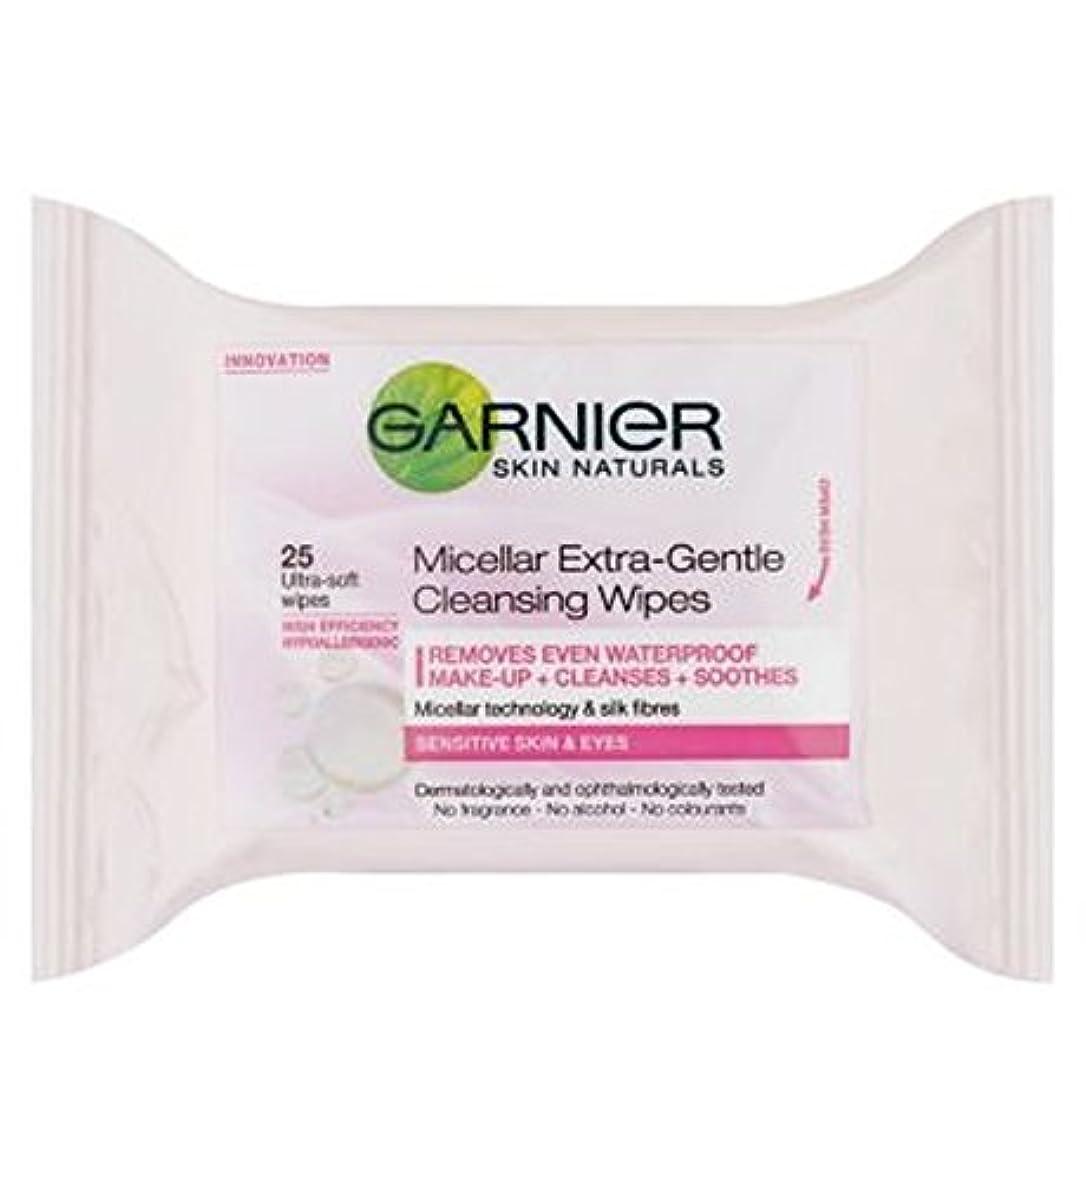 金銭的相互接続かごGarnier Micellar Extra-Gentle Cleansing Wipes 25s - ガルニエミセルエクストラジェントルクレンジングは、25秒をワイプ (Garnier) [並行輸入品]